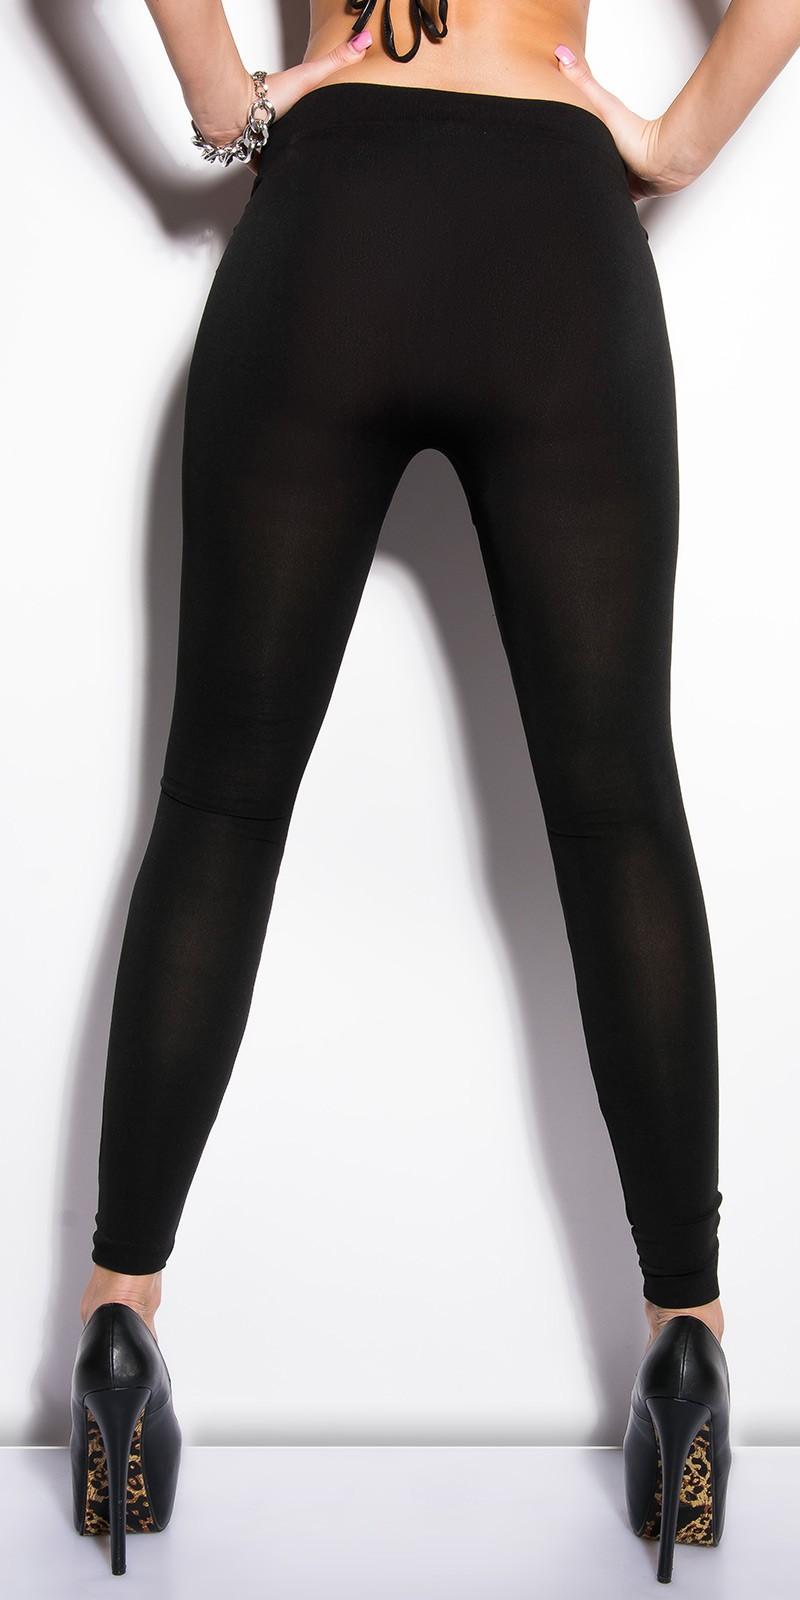 6134a62872 Fekete leggings katonai mintás betétekkel - (S/M) | Mysticfashion ...